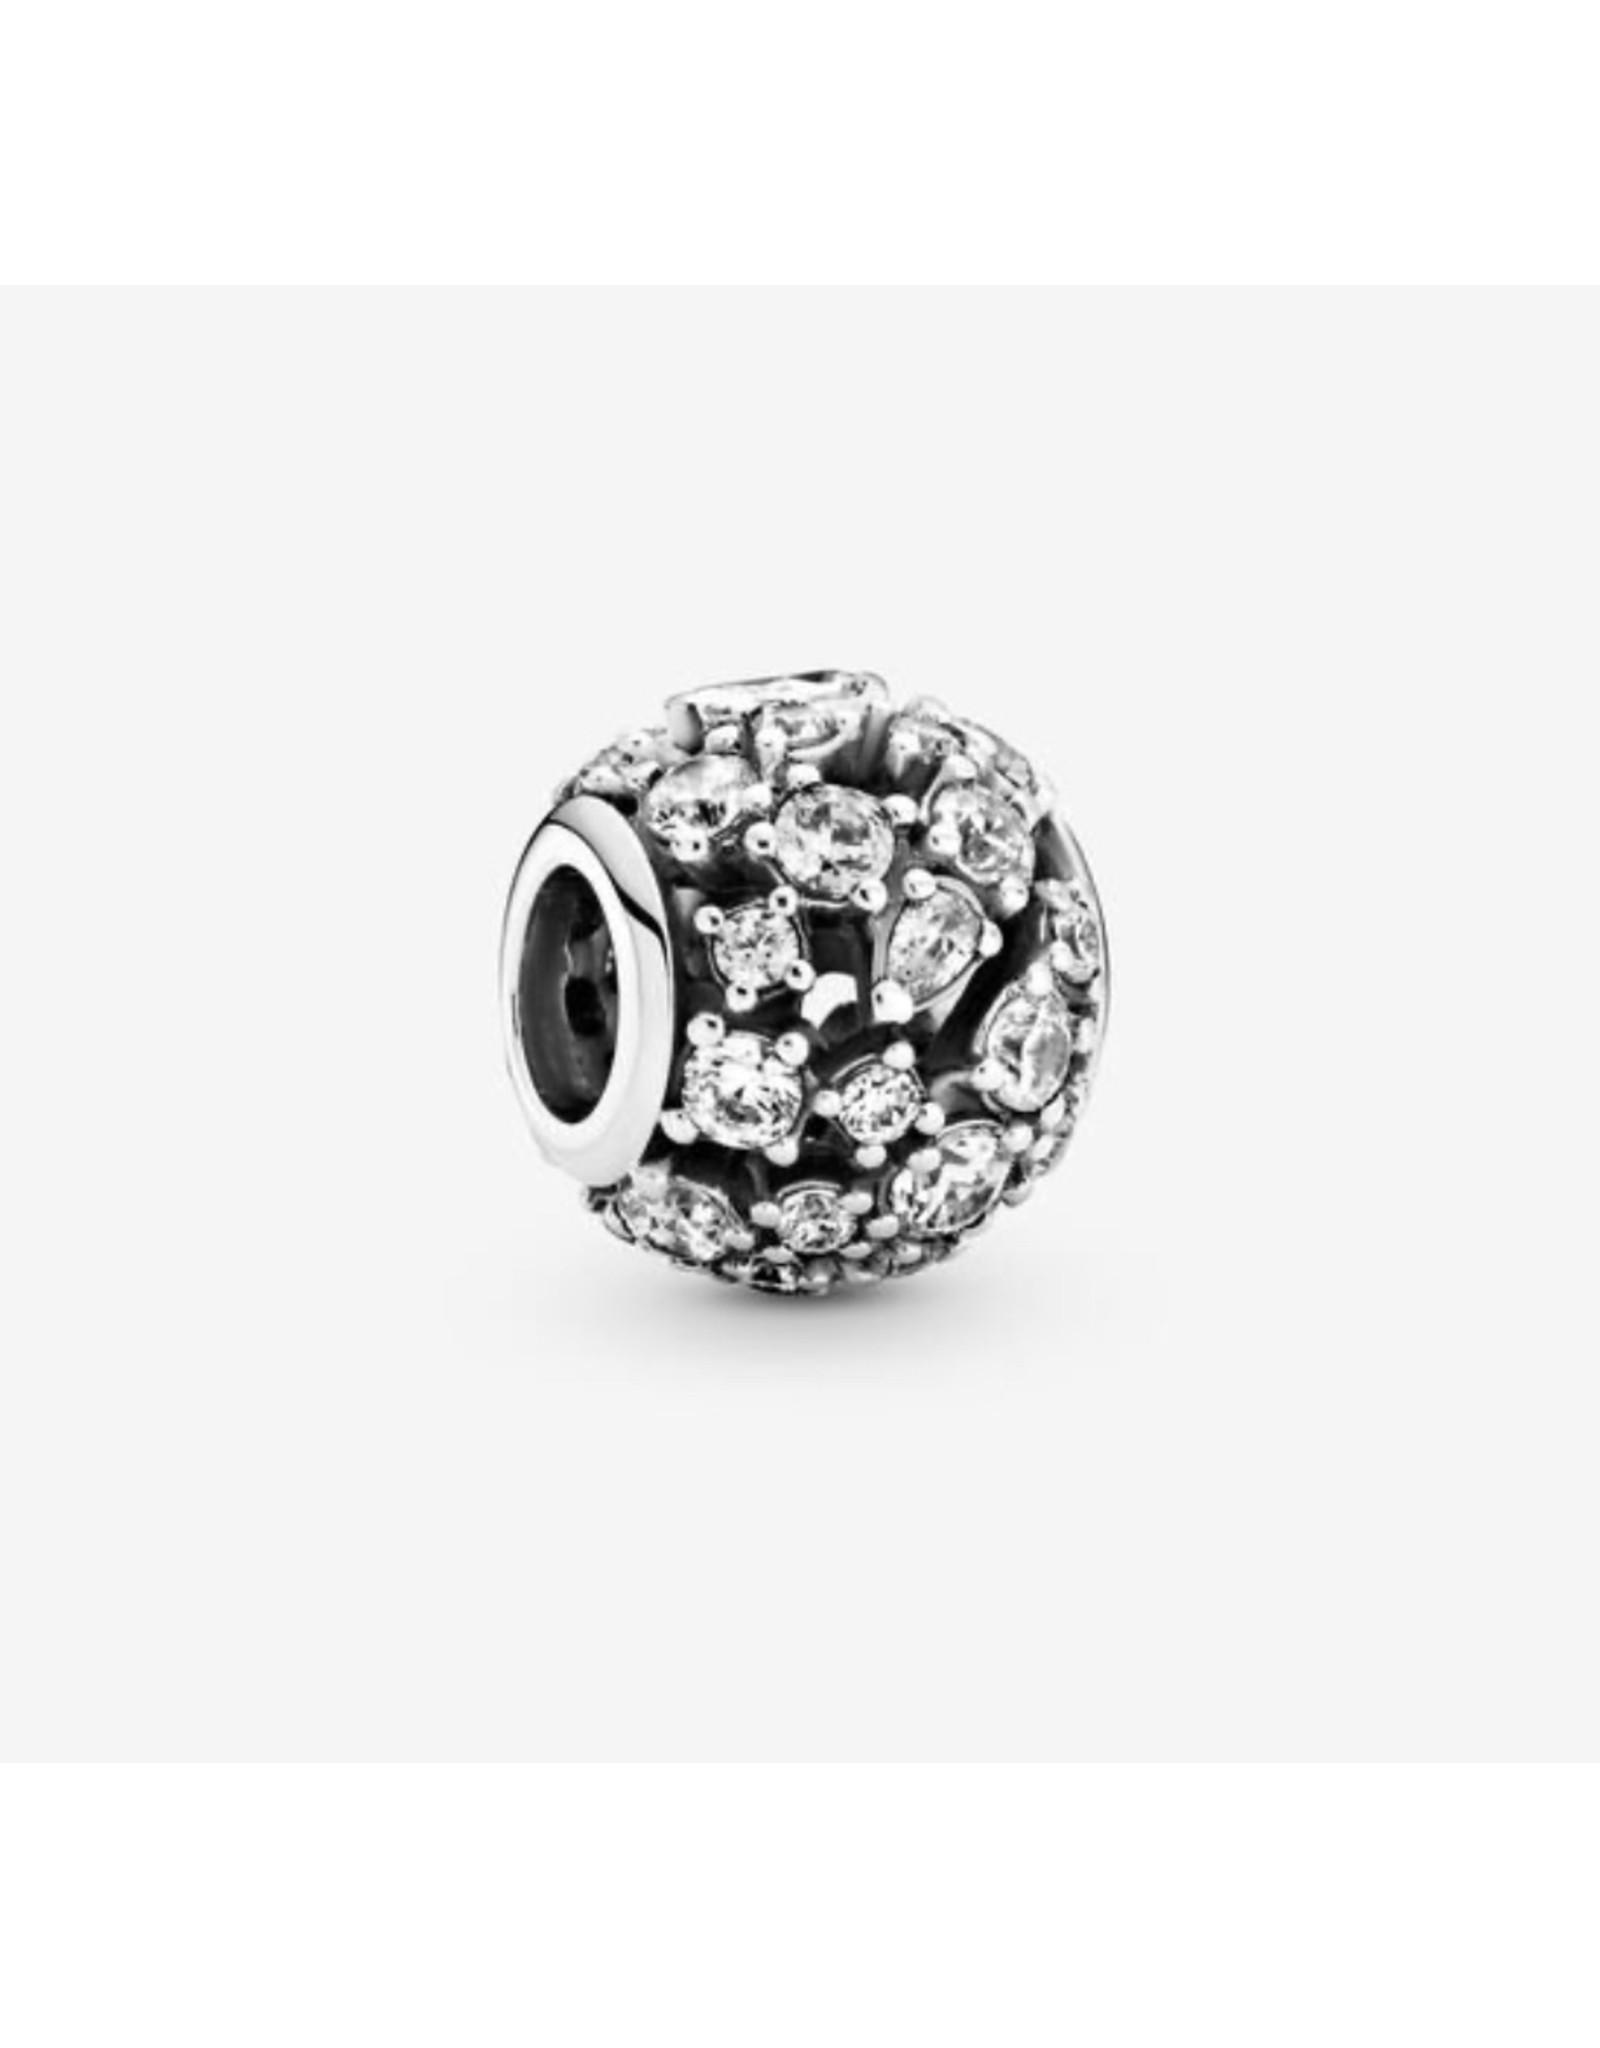 Pandora Pandora Charm,799225C01, Sparkling Round Openwork, Clear CZ